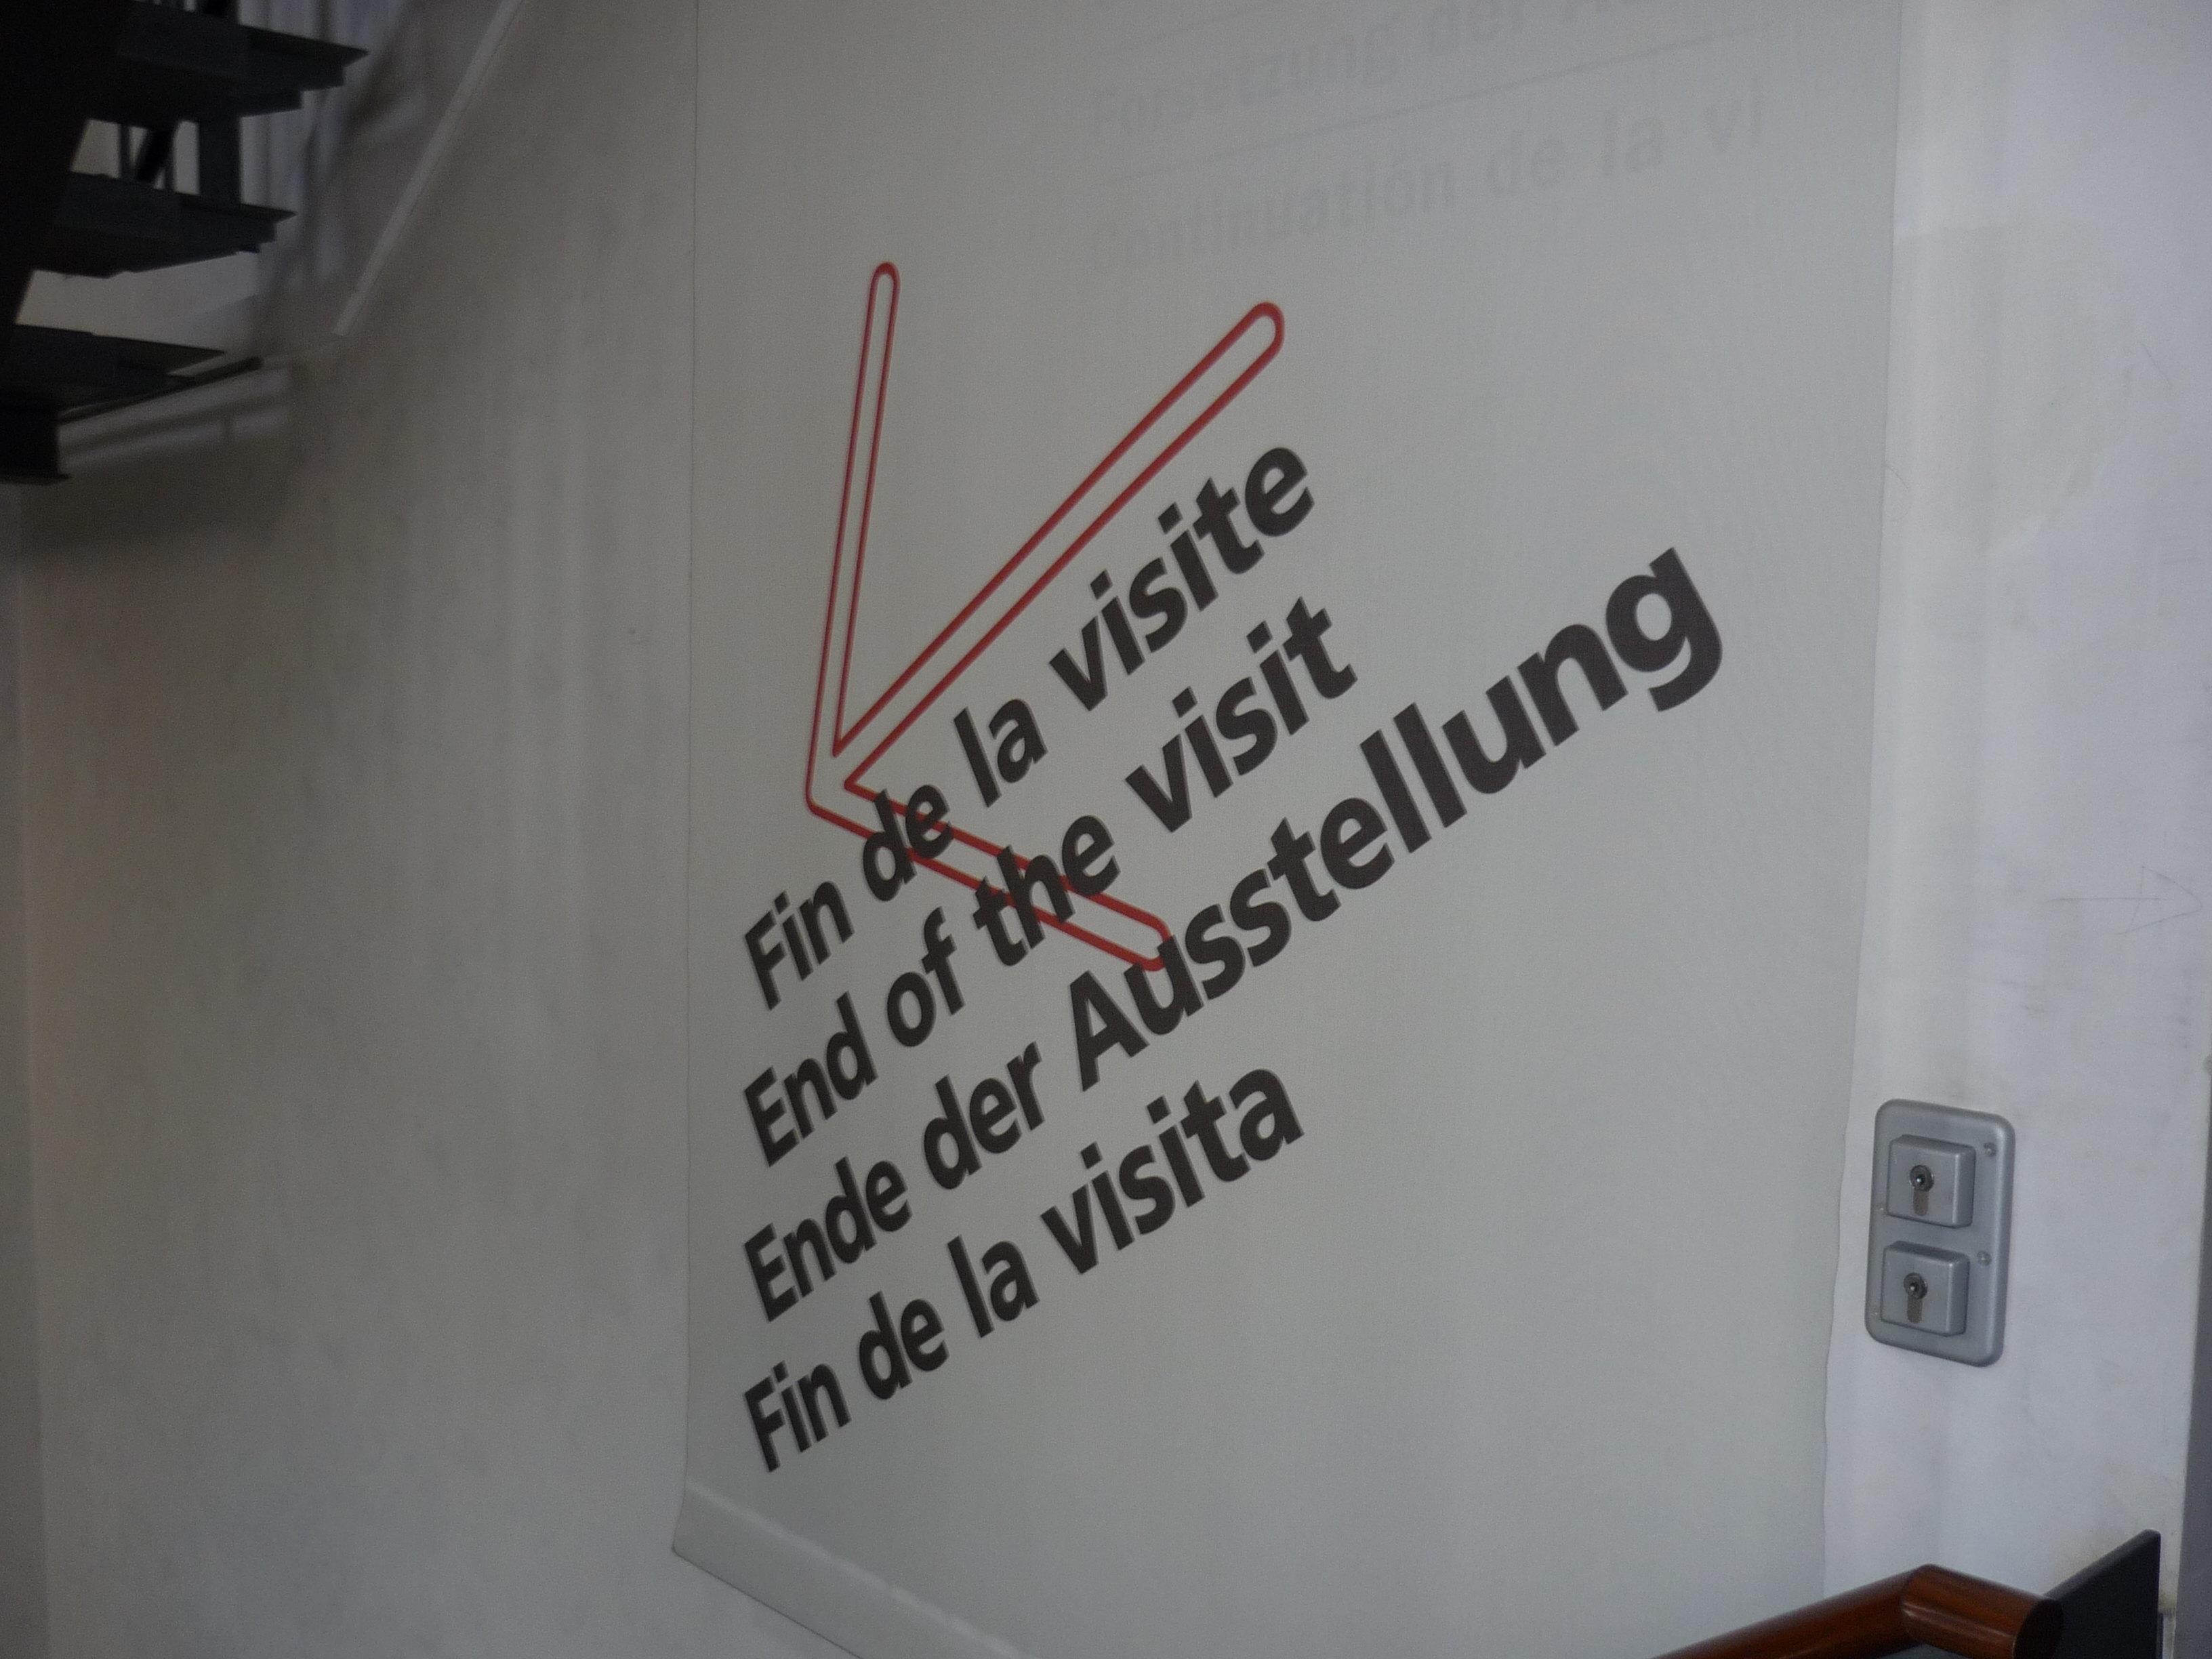 Bild mit Wegweiser: Ende der Ausstellung